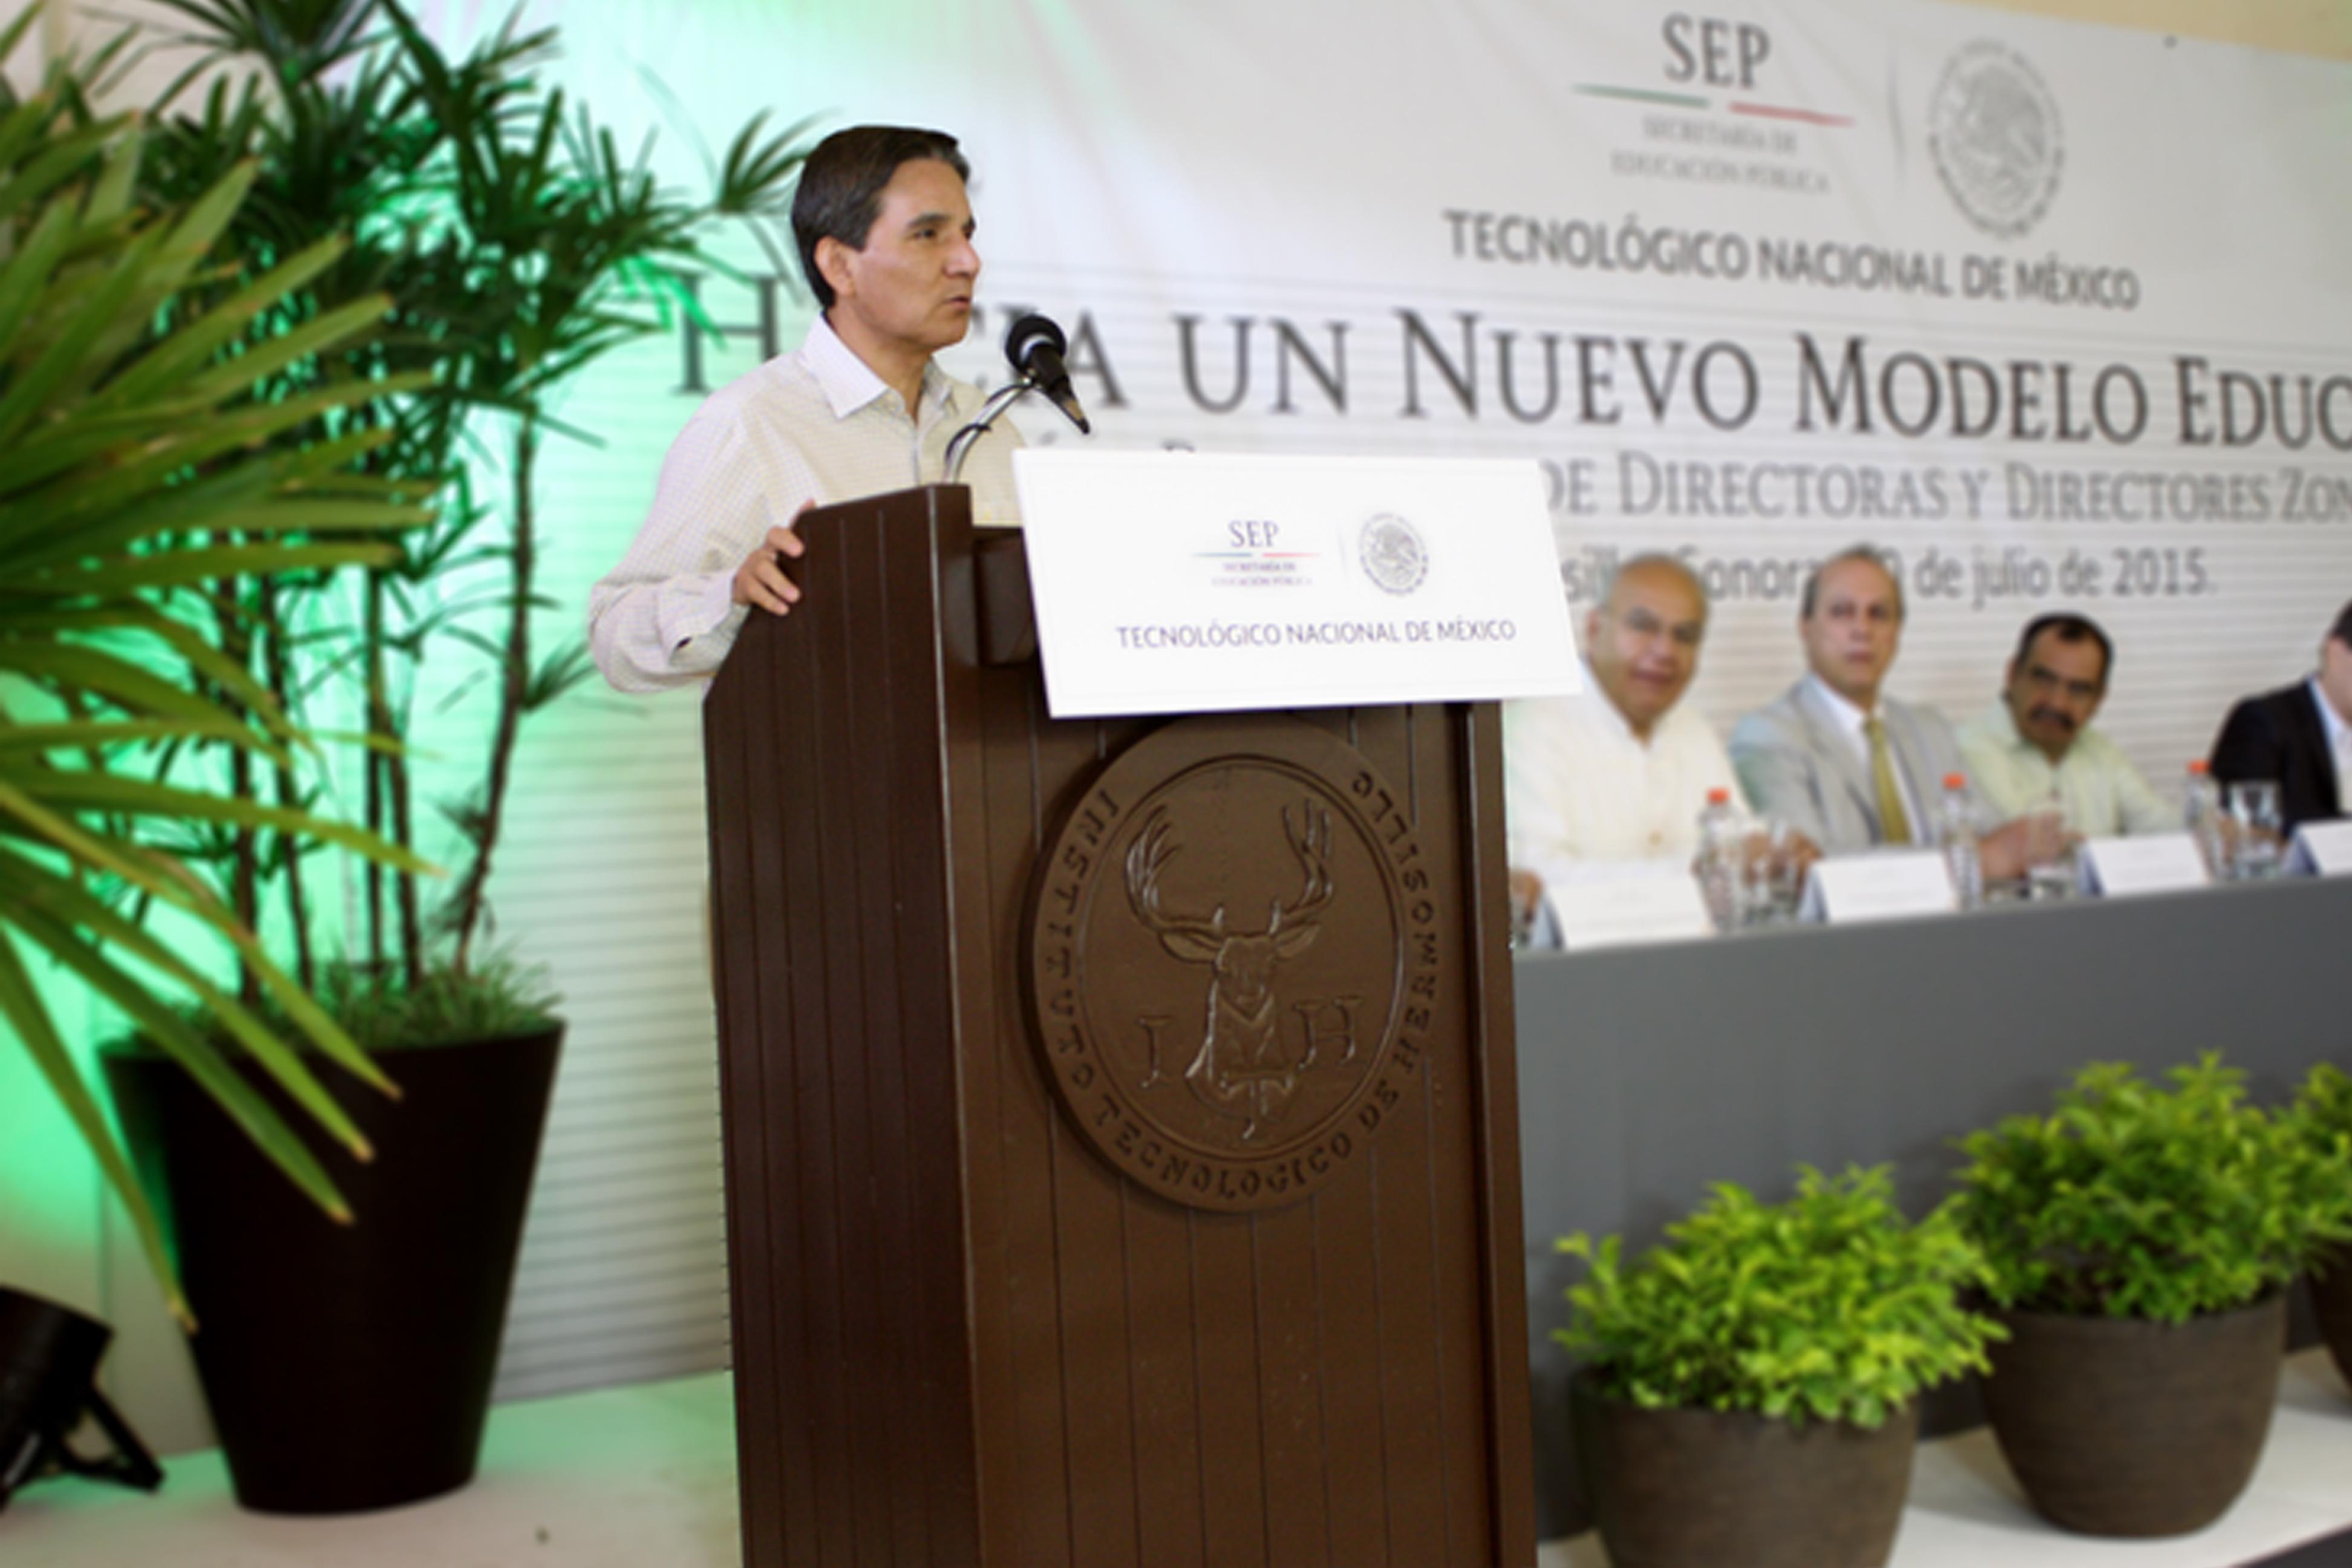 El Tecnológico Nacional de México (TecNM) celebró la reunión regional denominada Hacia un Nuevo Modelo Educativo, con directores de 15 estados de la zona norte del país.